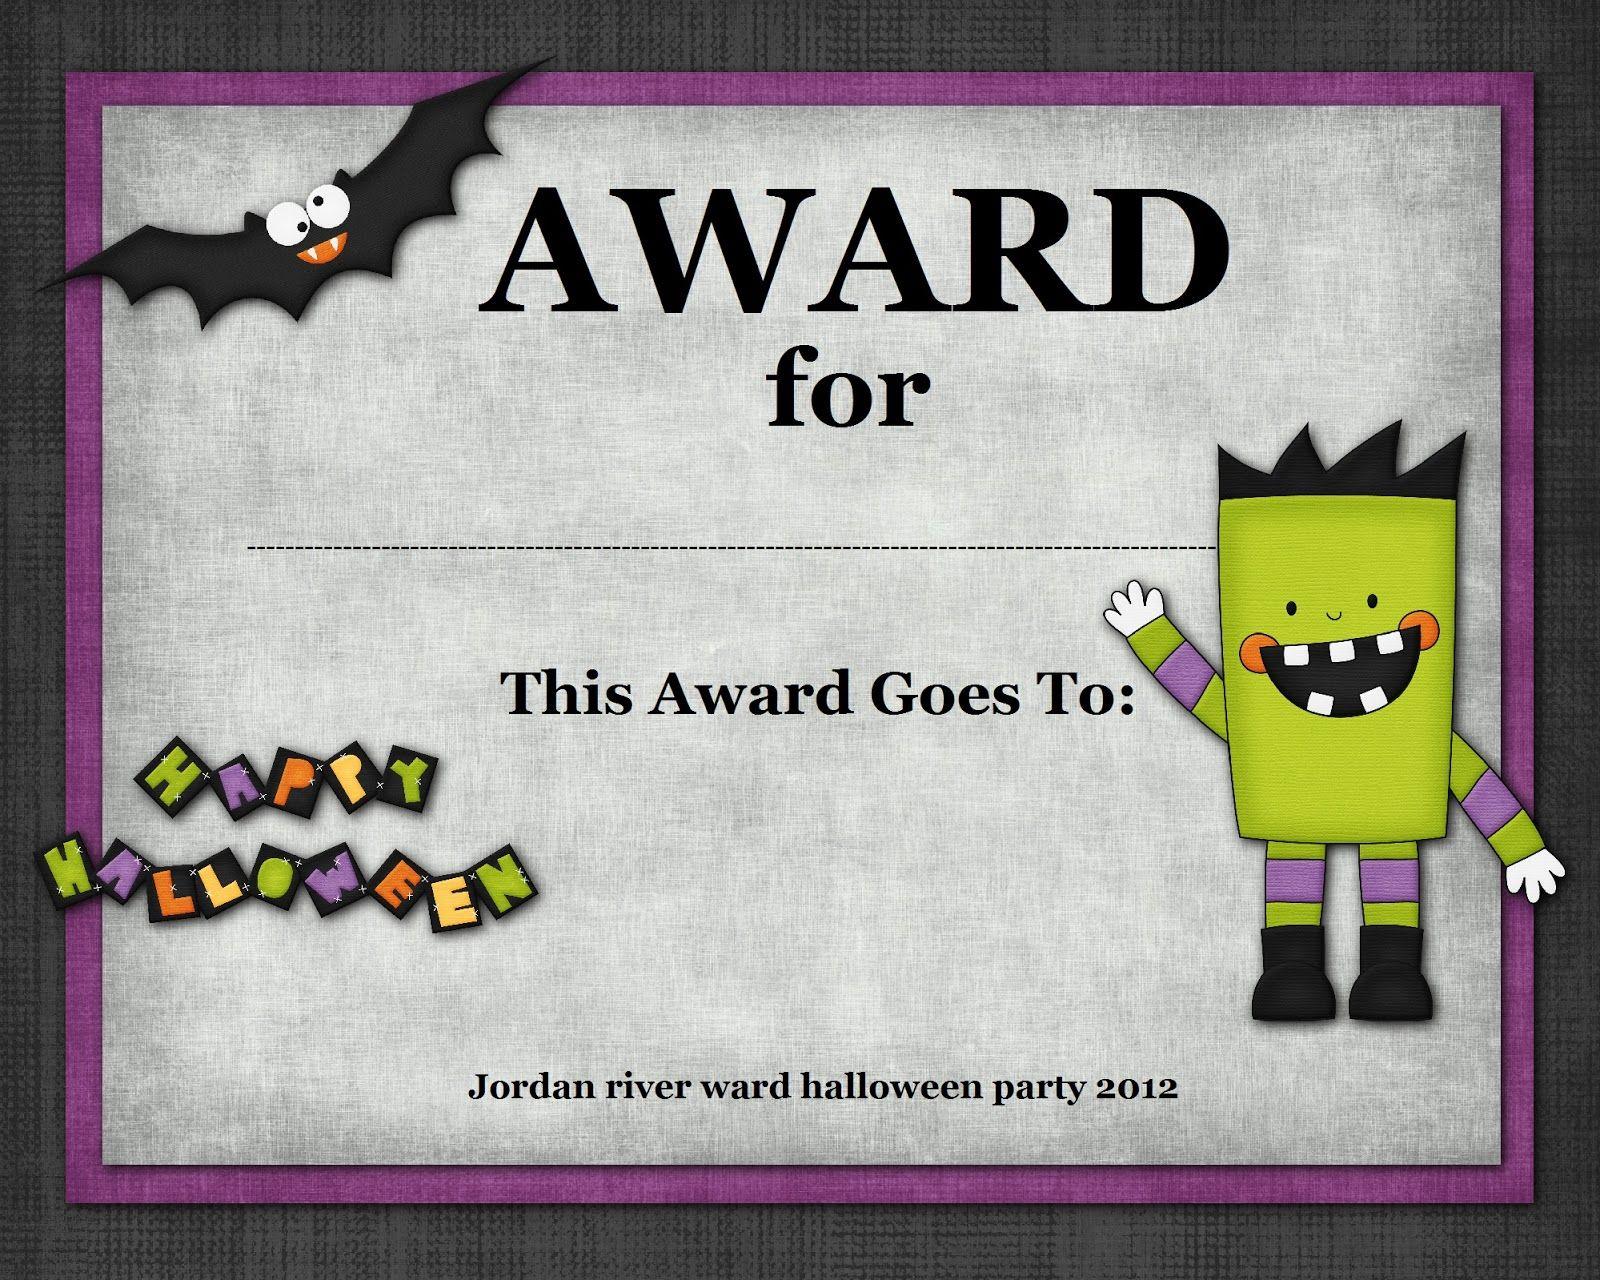 Halloween Costume Award | Halloween | Pinterest | Halloween - Free Printable Halloween Award Certificates